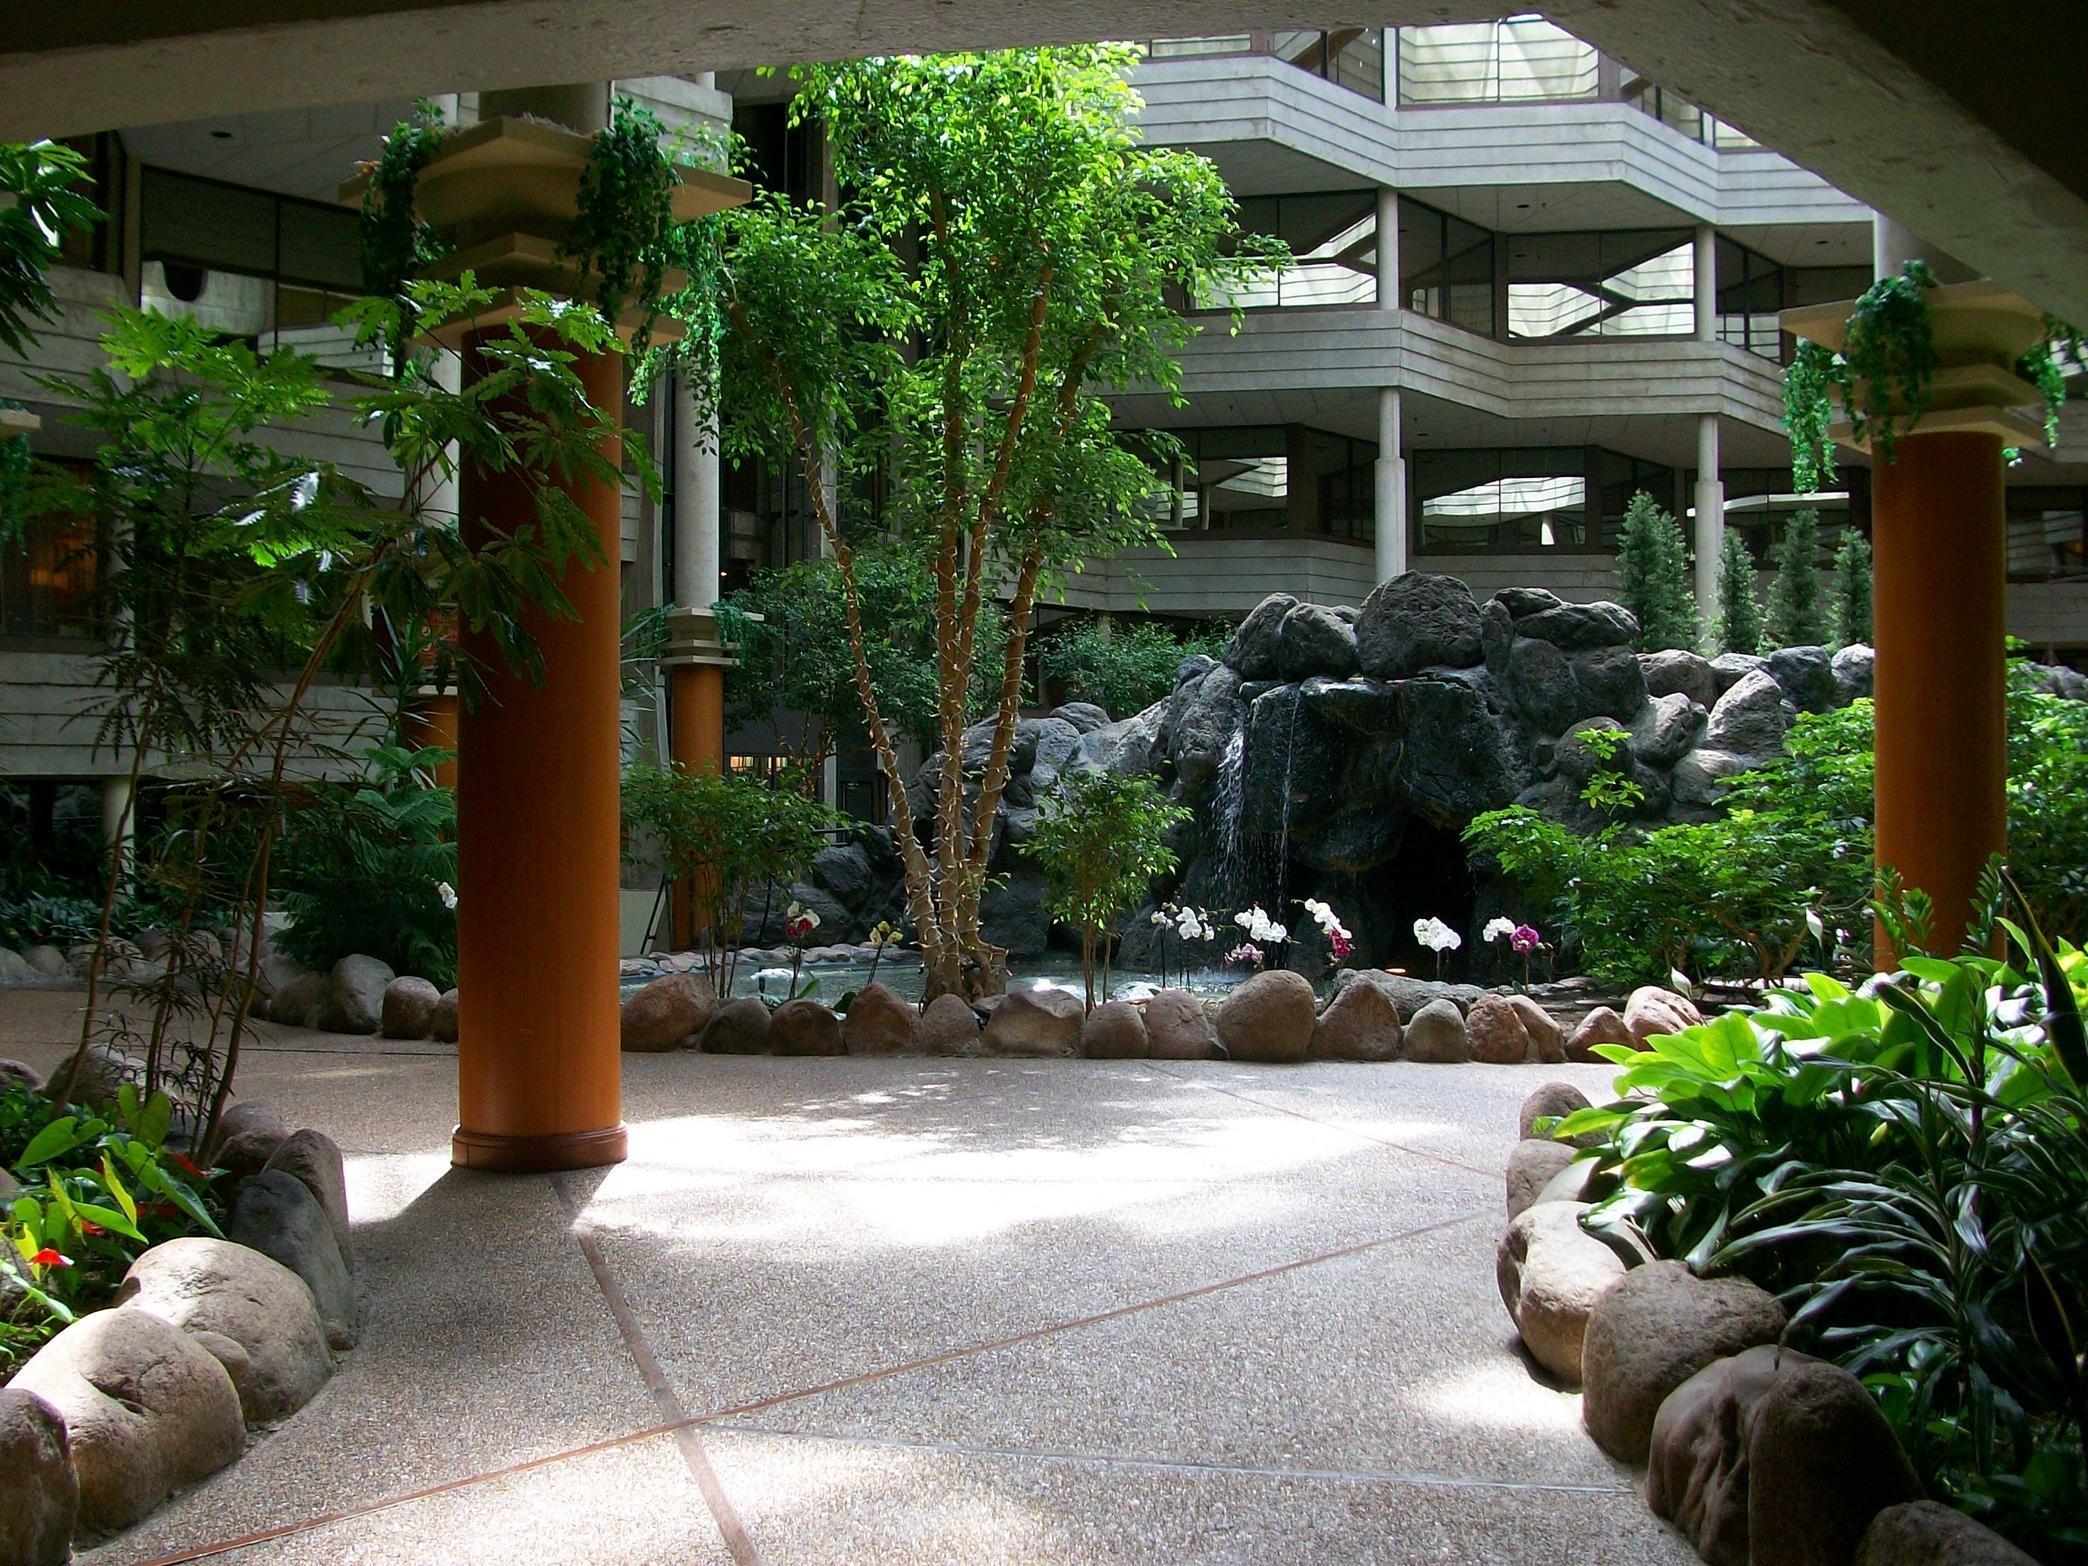 Hilton Chicago Indian Lakes image 1